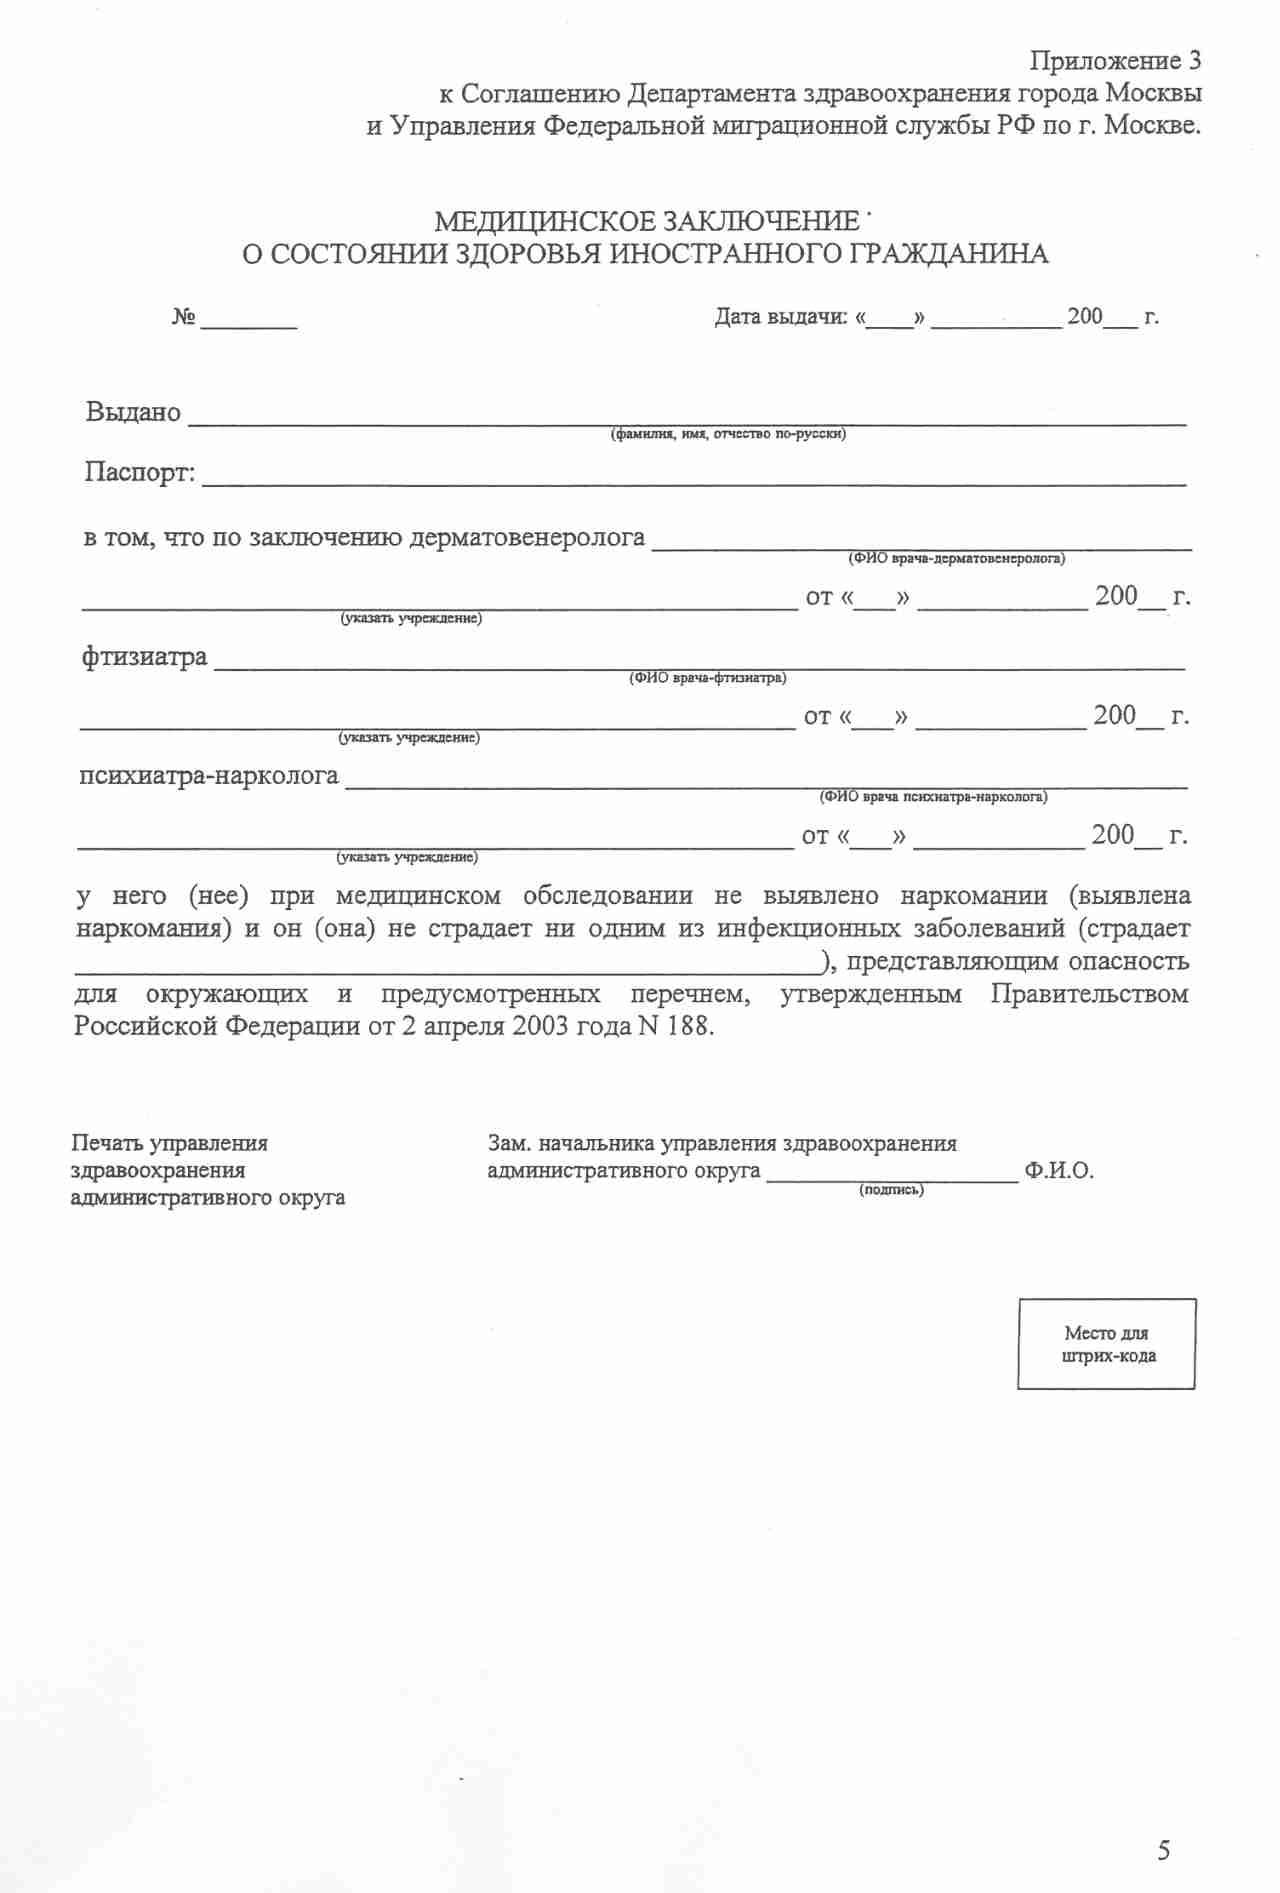 образец заявления фмс на продление регистрации